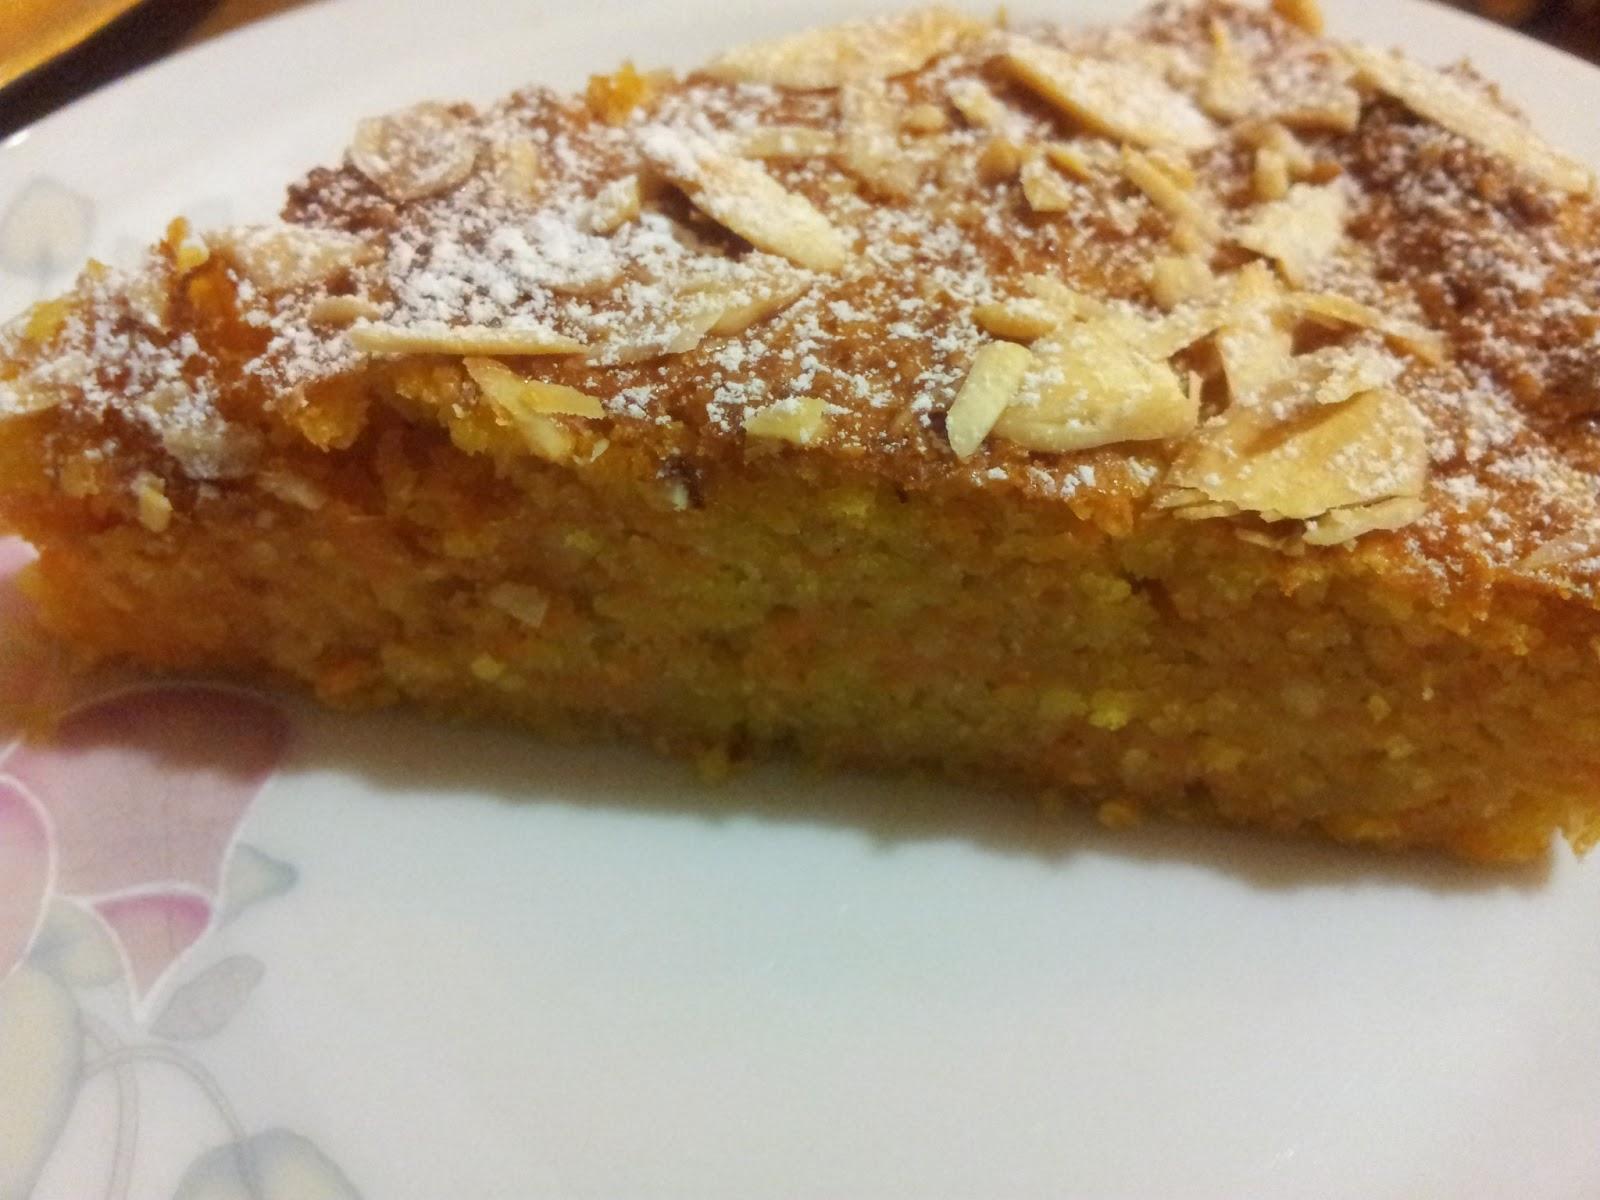 Torte Da Credenza Ricette : La cucina di viola: torta carote e mandorle